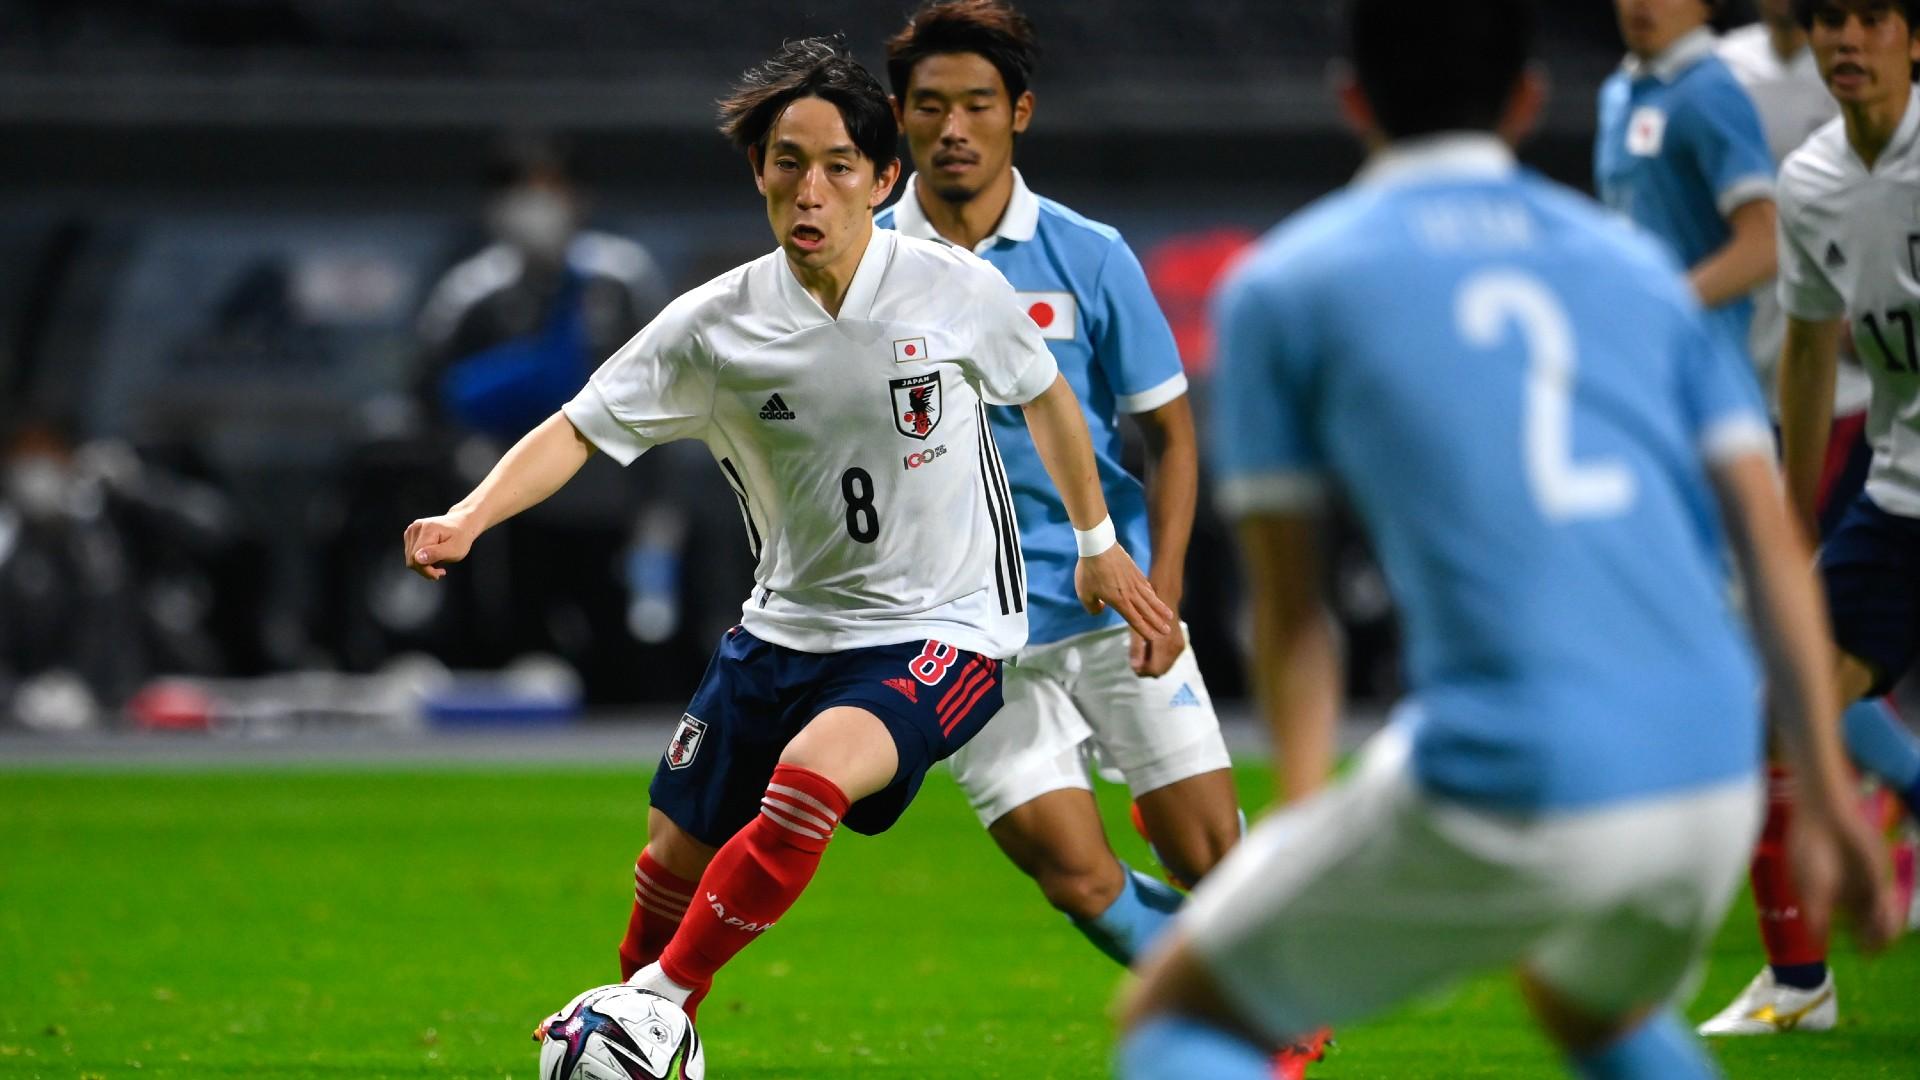 【きょうのスポーツ】東京オリンピックに臨むU24日本代表がジャマイカ代表と対戦 サッカー日本代表